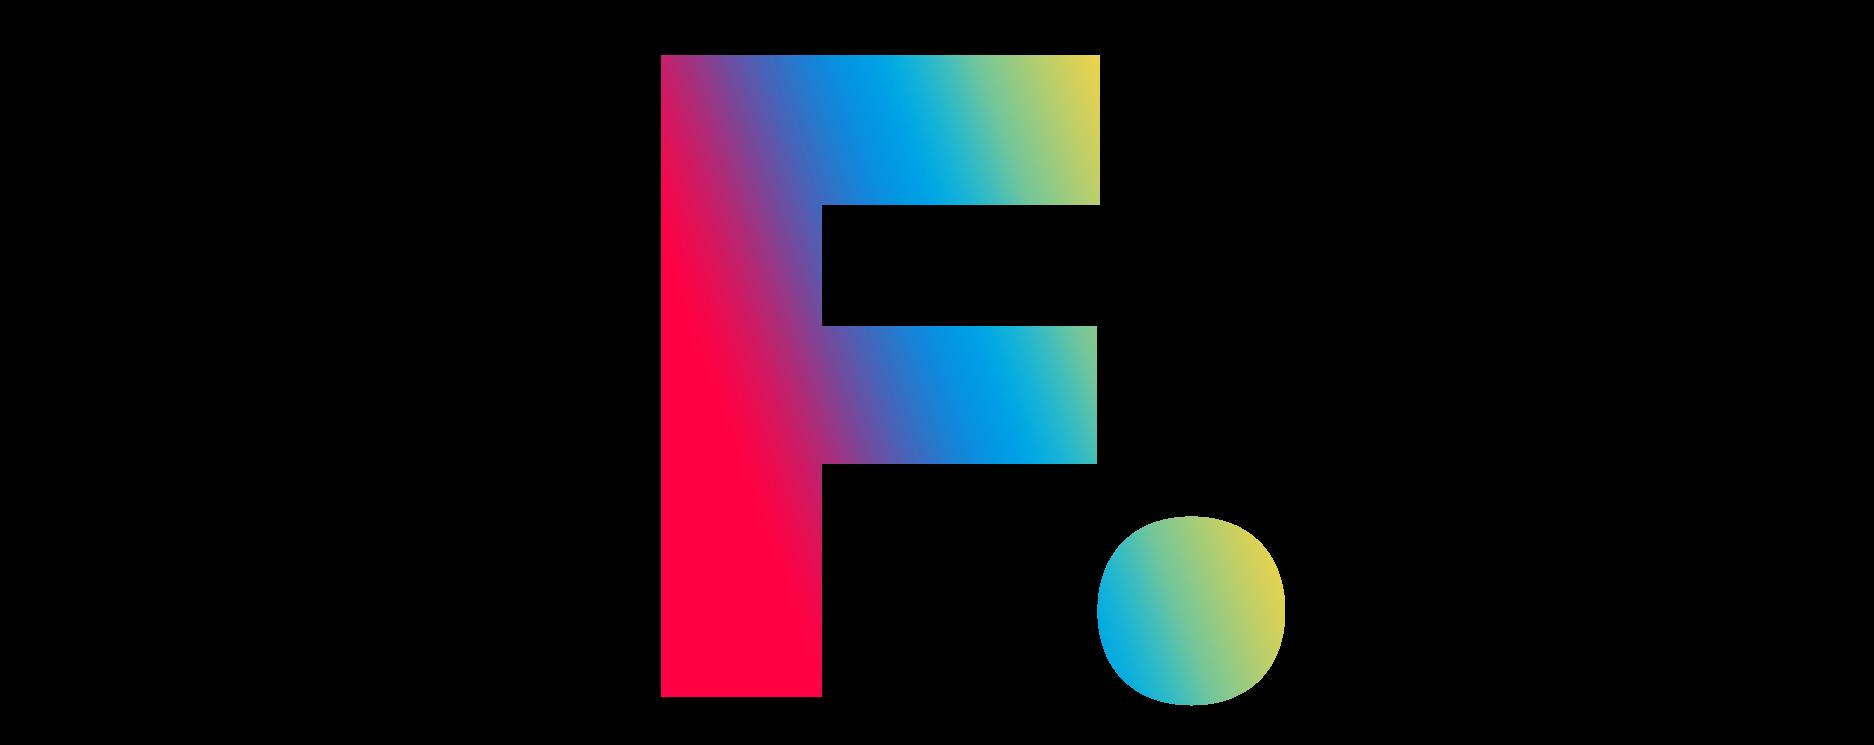 Filmproduktion Bern - BOFF.  - Buchstabe F. Farbverlauf